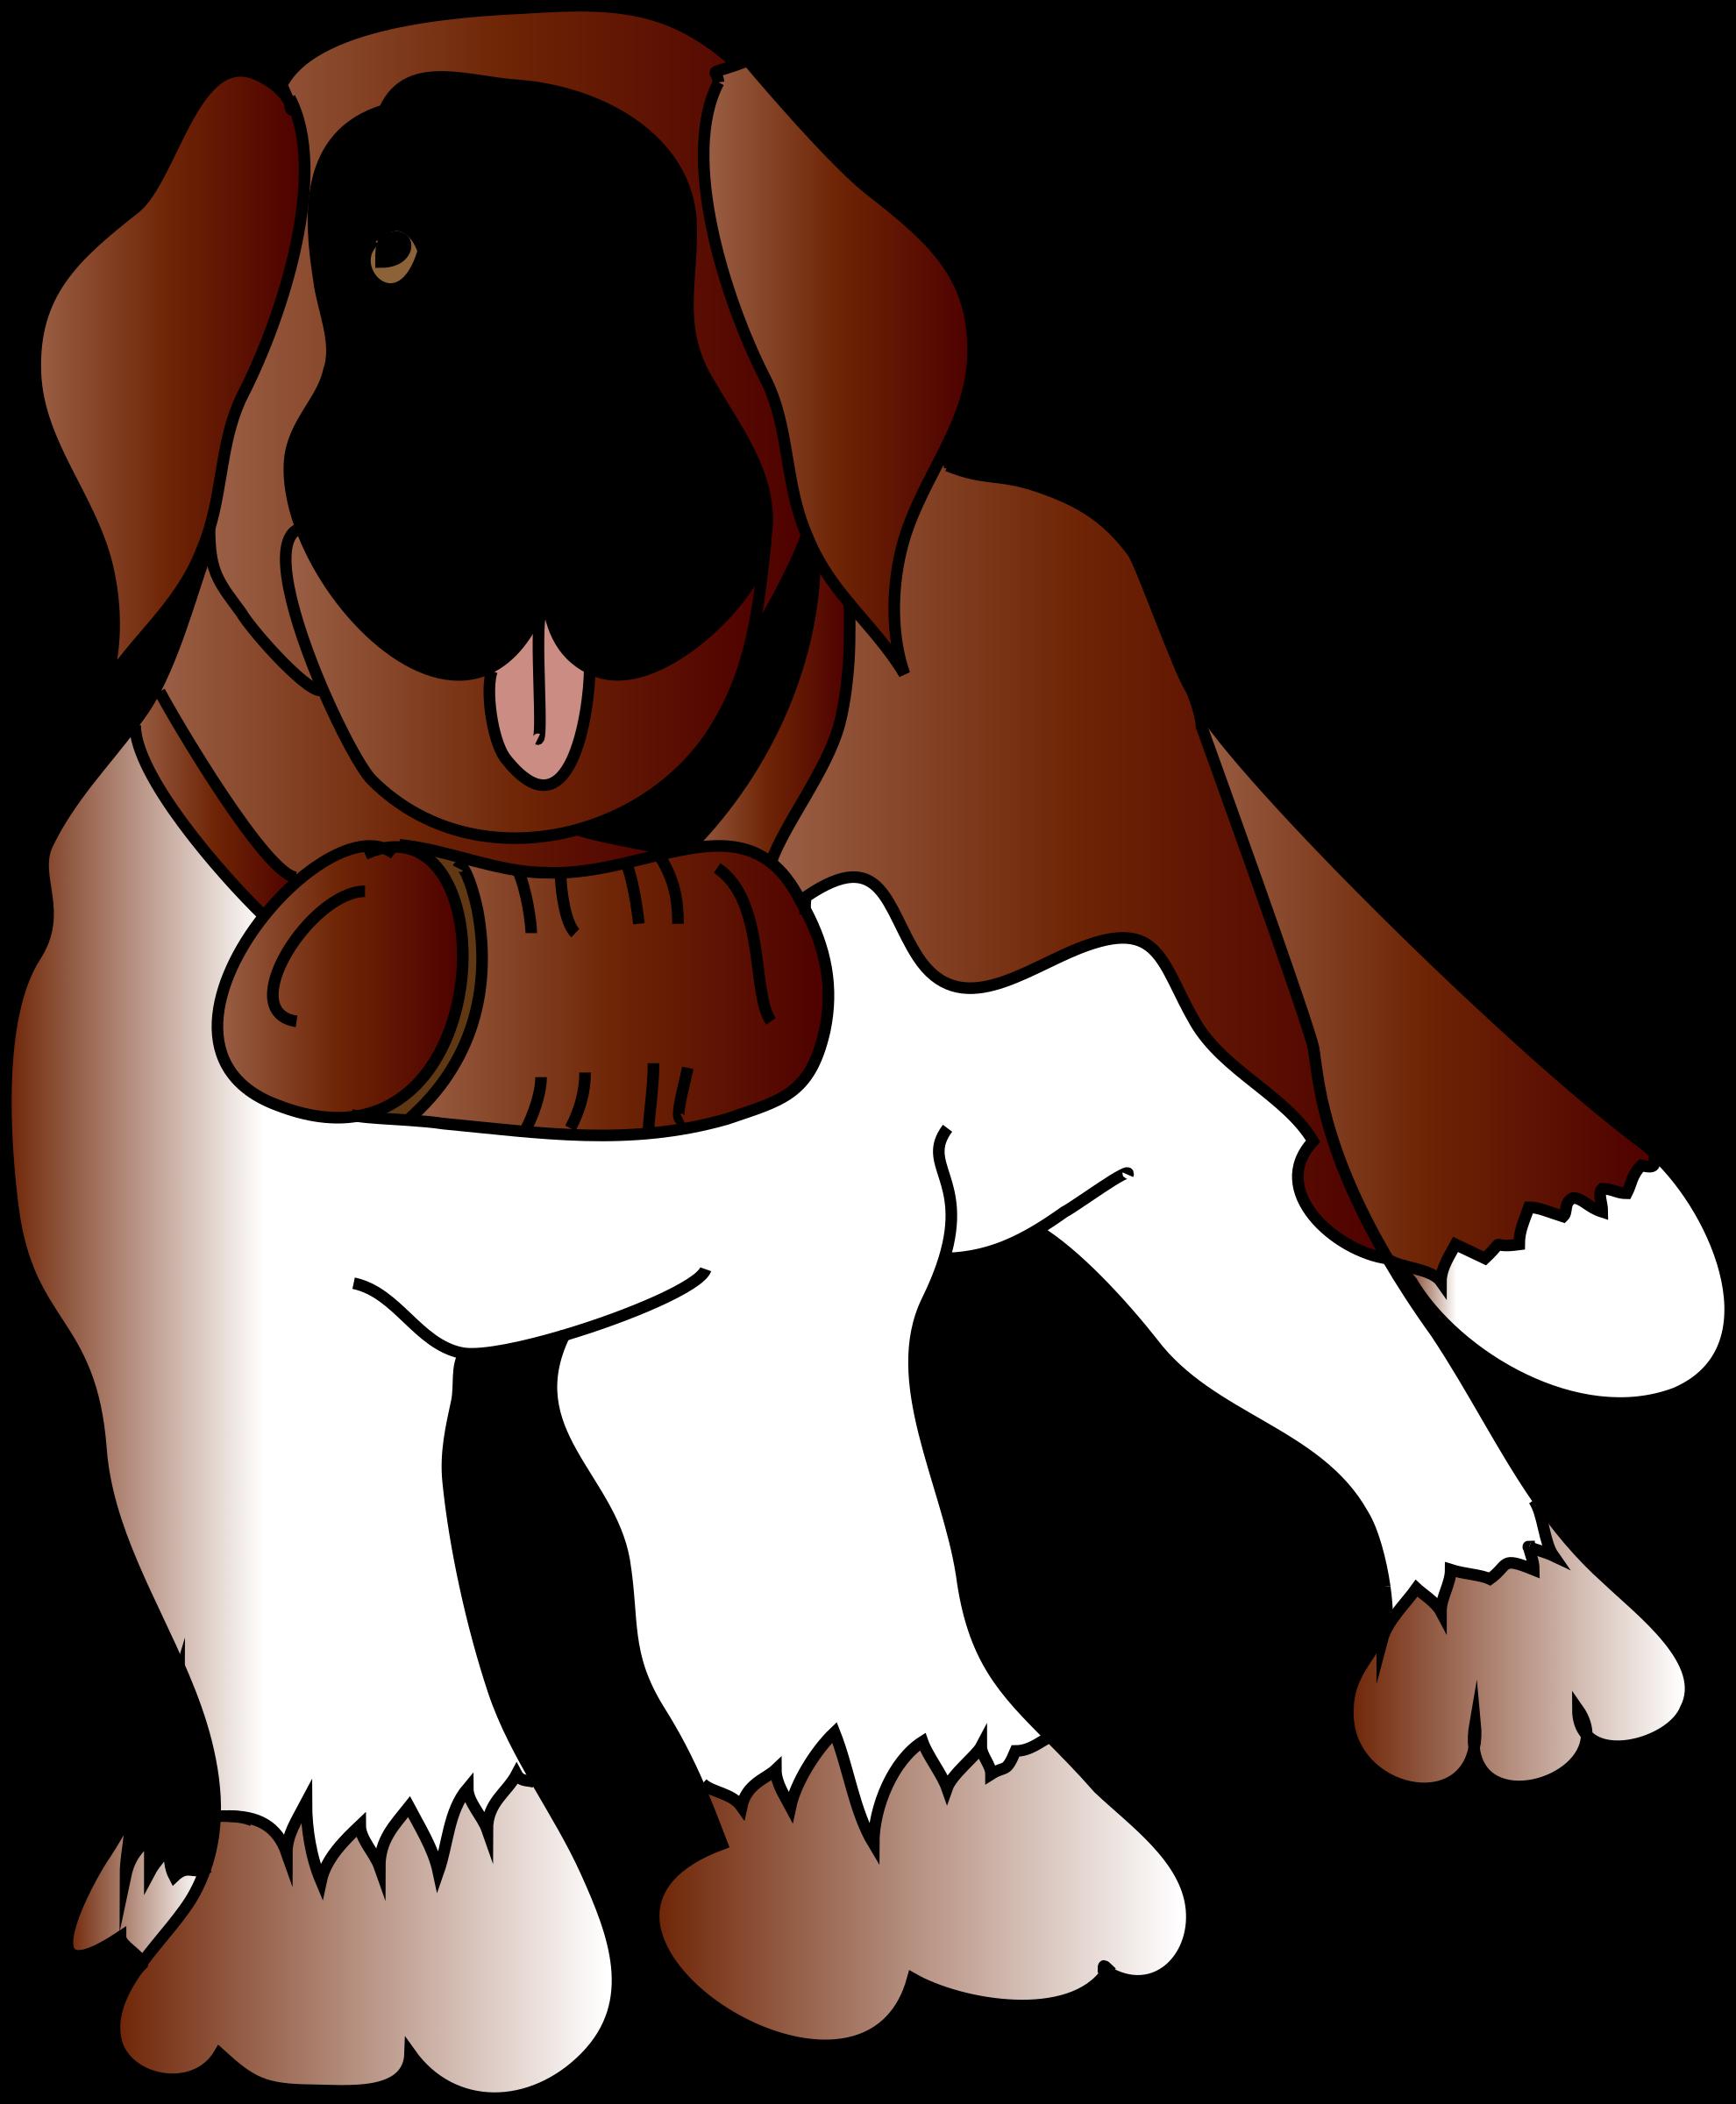 Saint bernard dog clipart banner library library Clipart - saint Bernard\'s dog banner library library